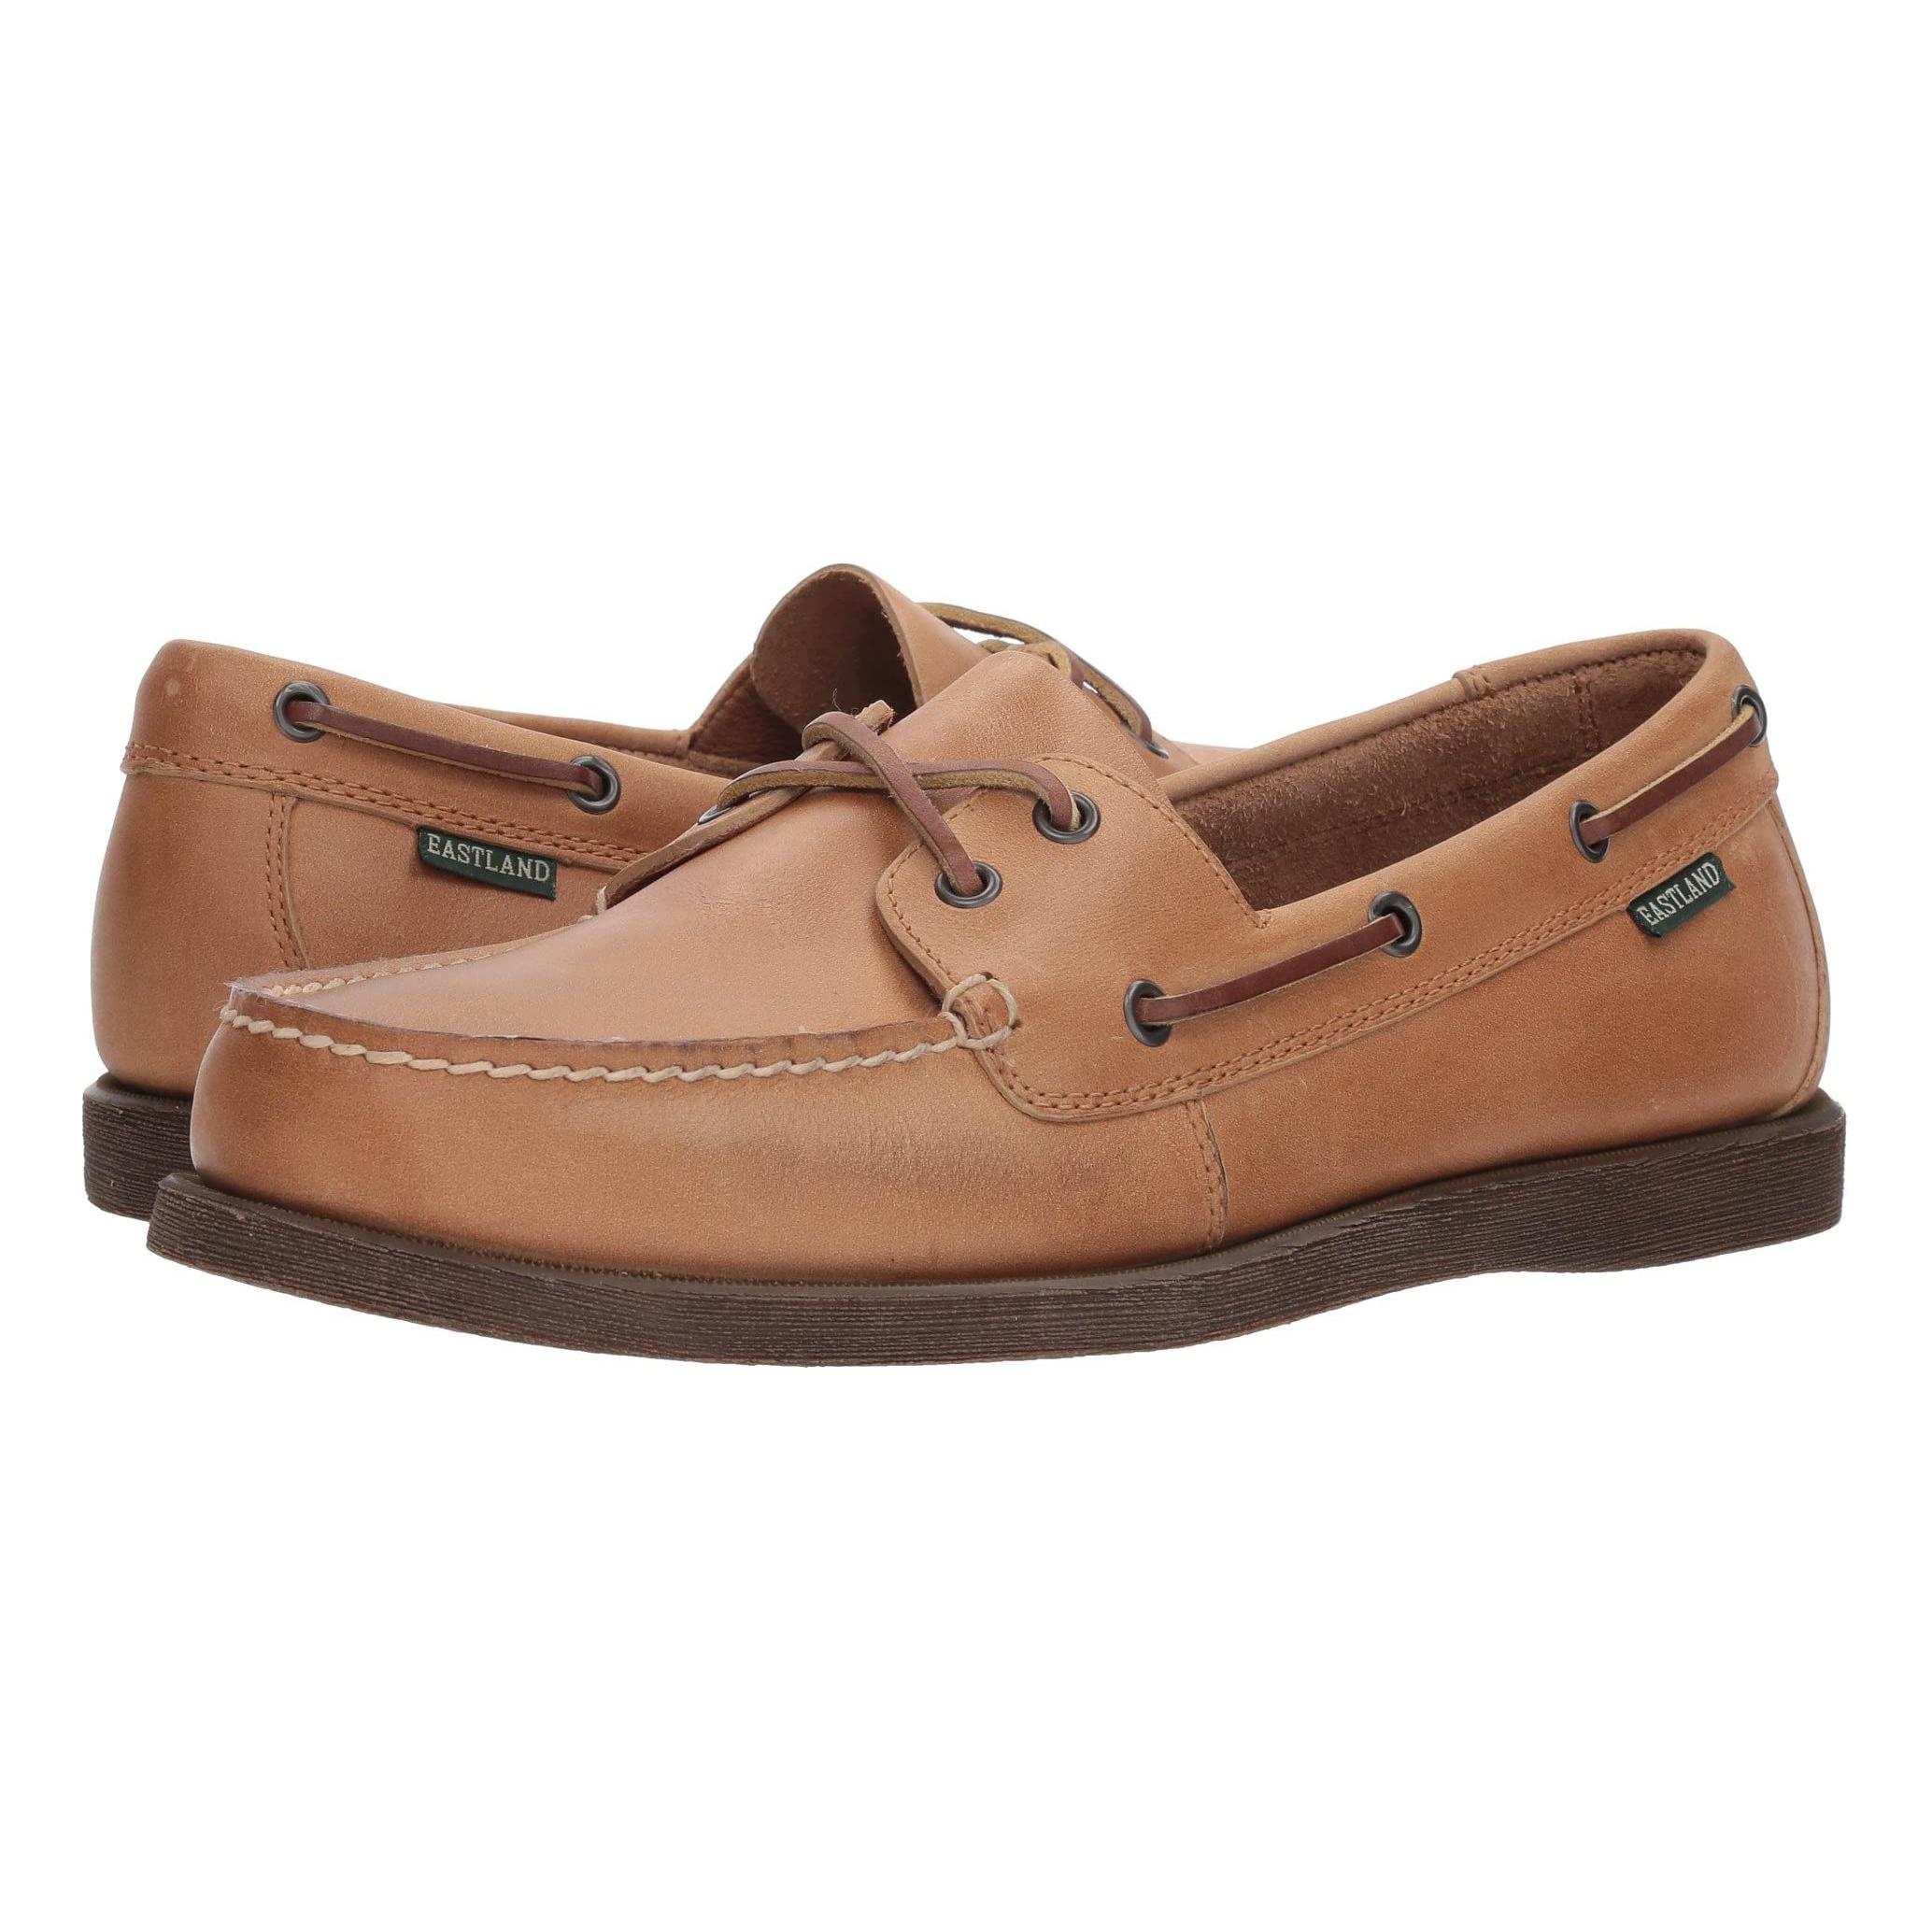 Eastland Men's Seaquest Boat Shoe